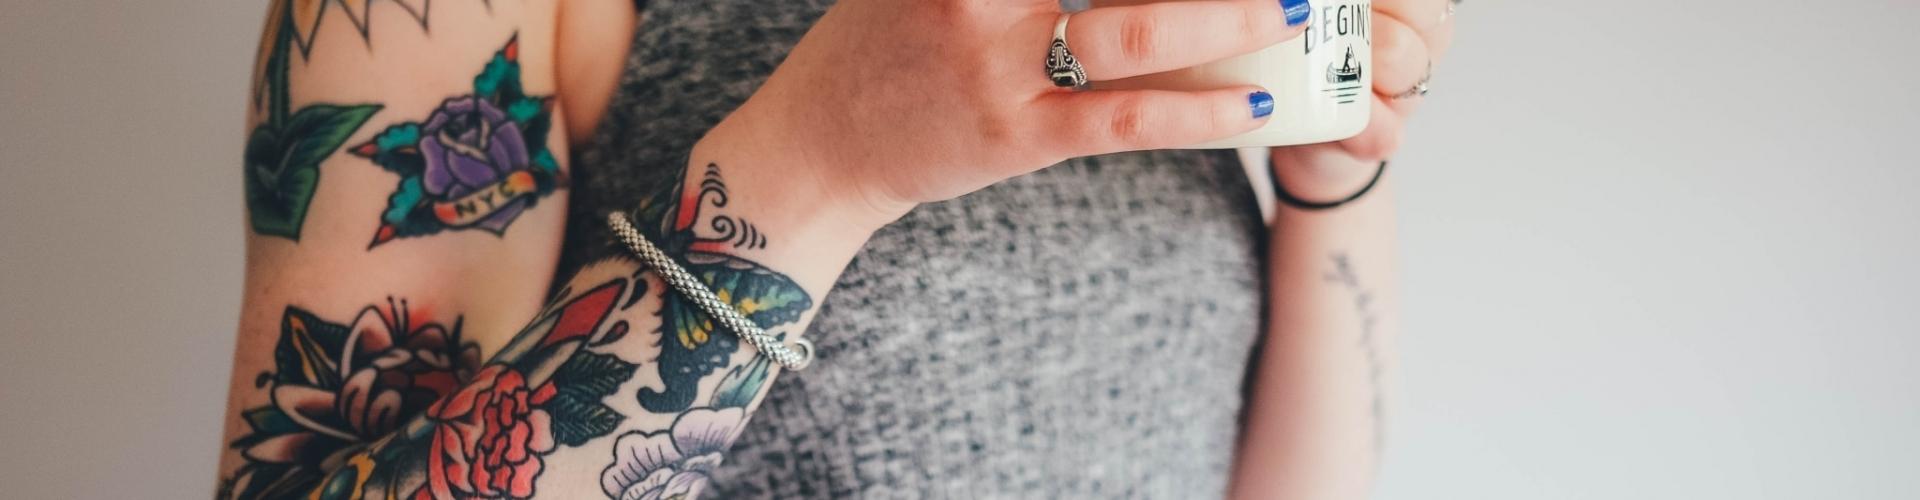 portrait d'une femme qui boit un thé et qui a les bras tatoués